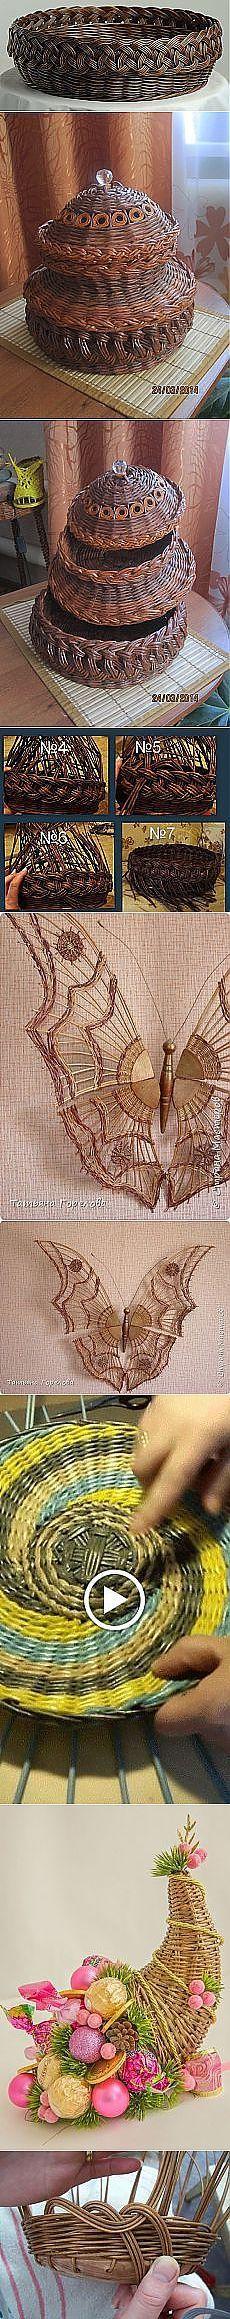 Плетение из газет   Идеи и фотоинструкции бесплатно на Постиле